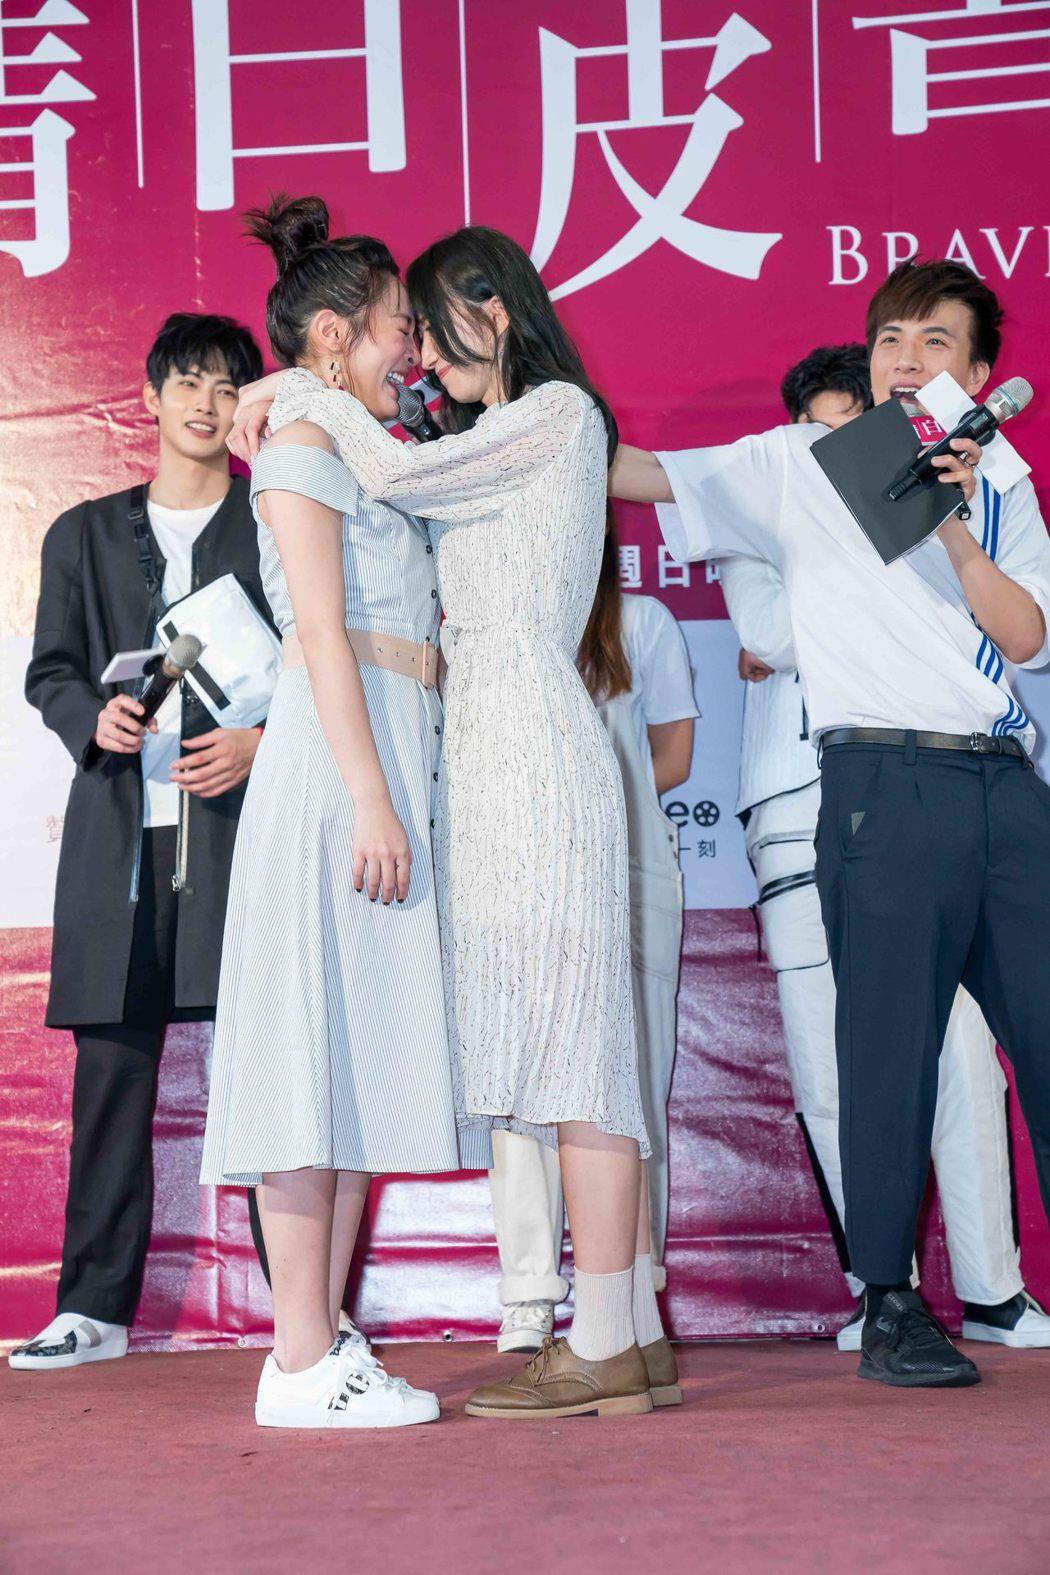 謝翔雅(左)撩王淨,2人笑得開心。圖/東森提供